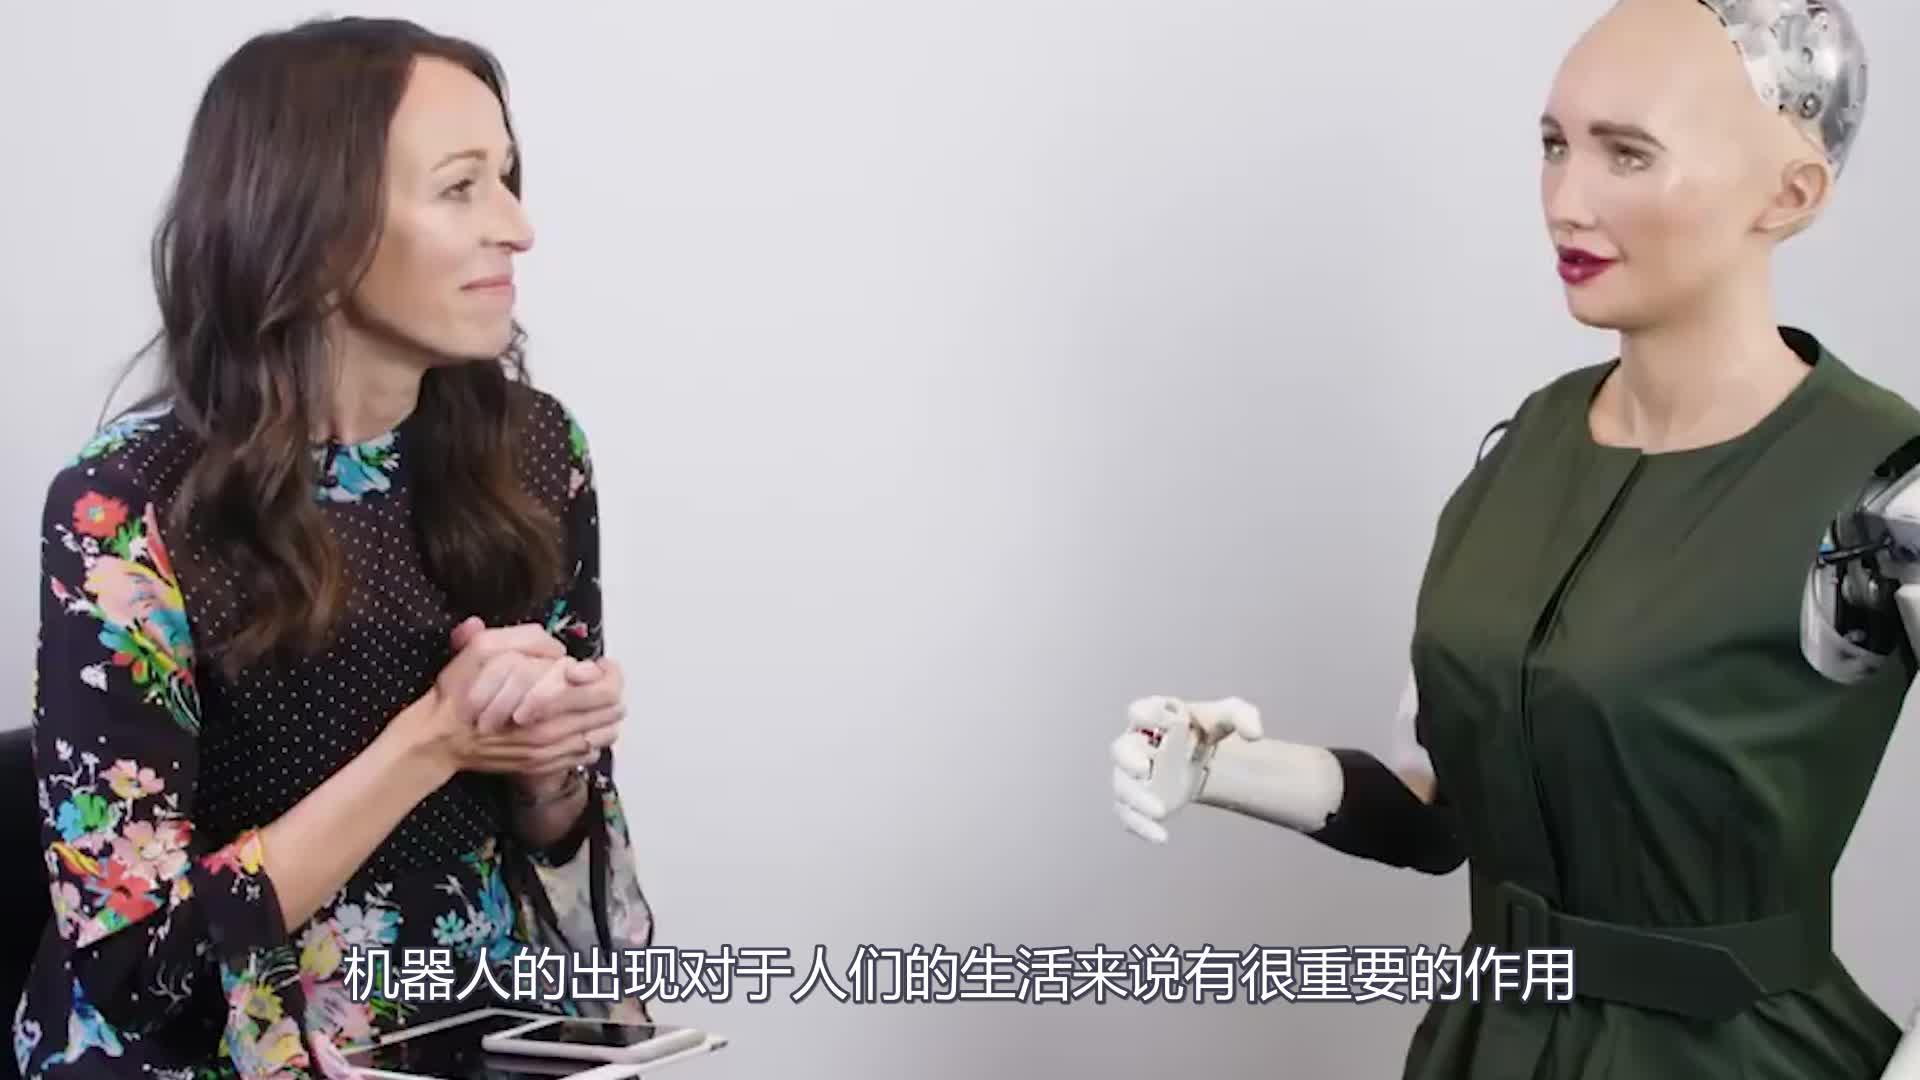 外国人用棍子殴打机器人!机器人奋起反击,反应让人后怕!